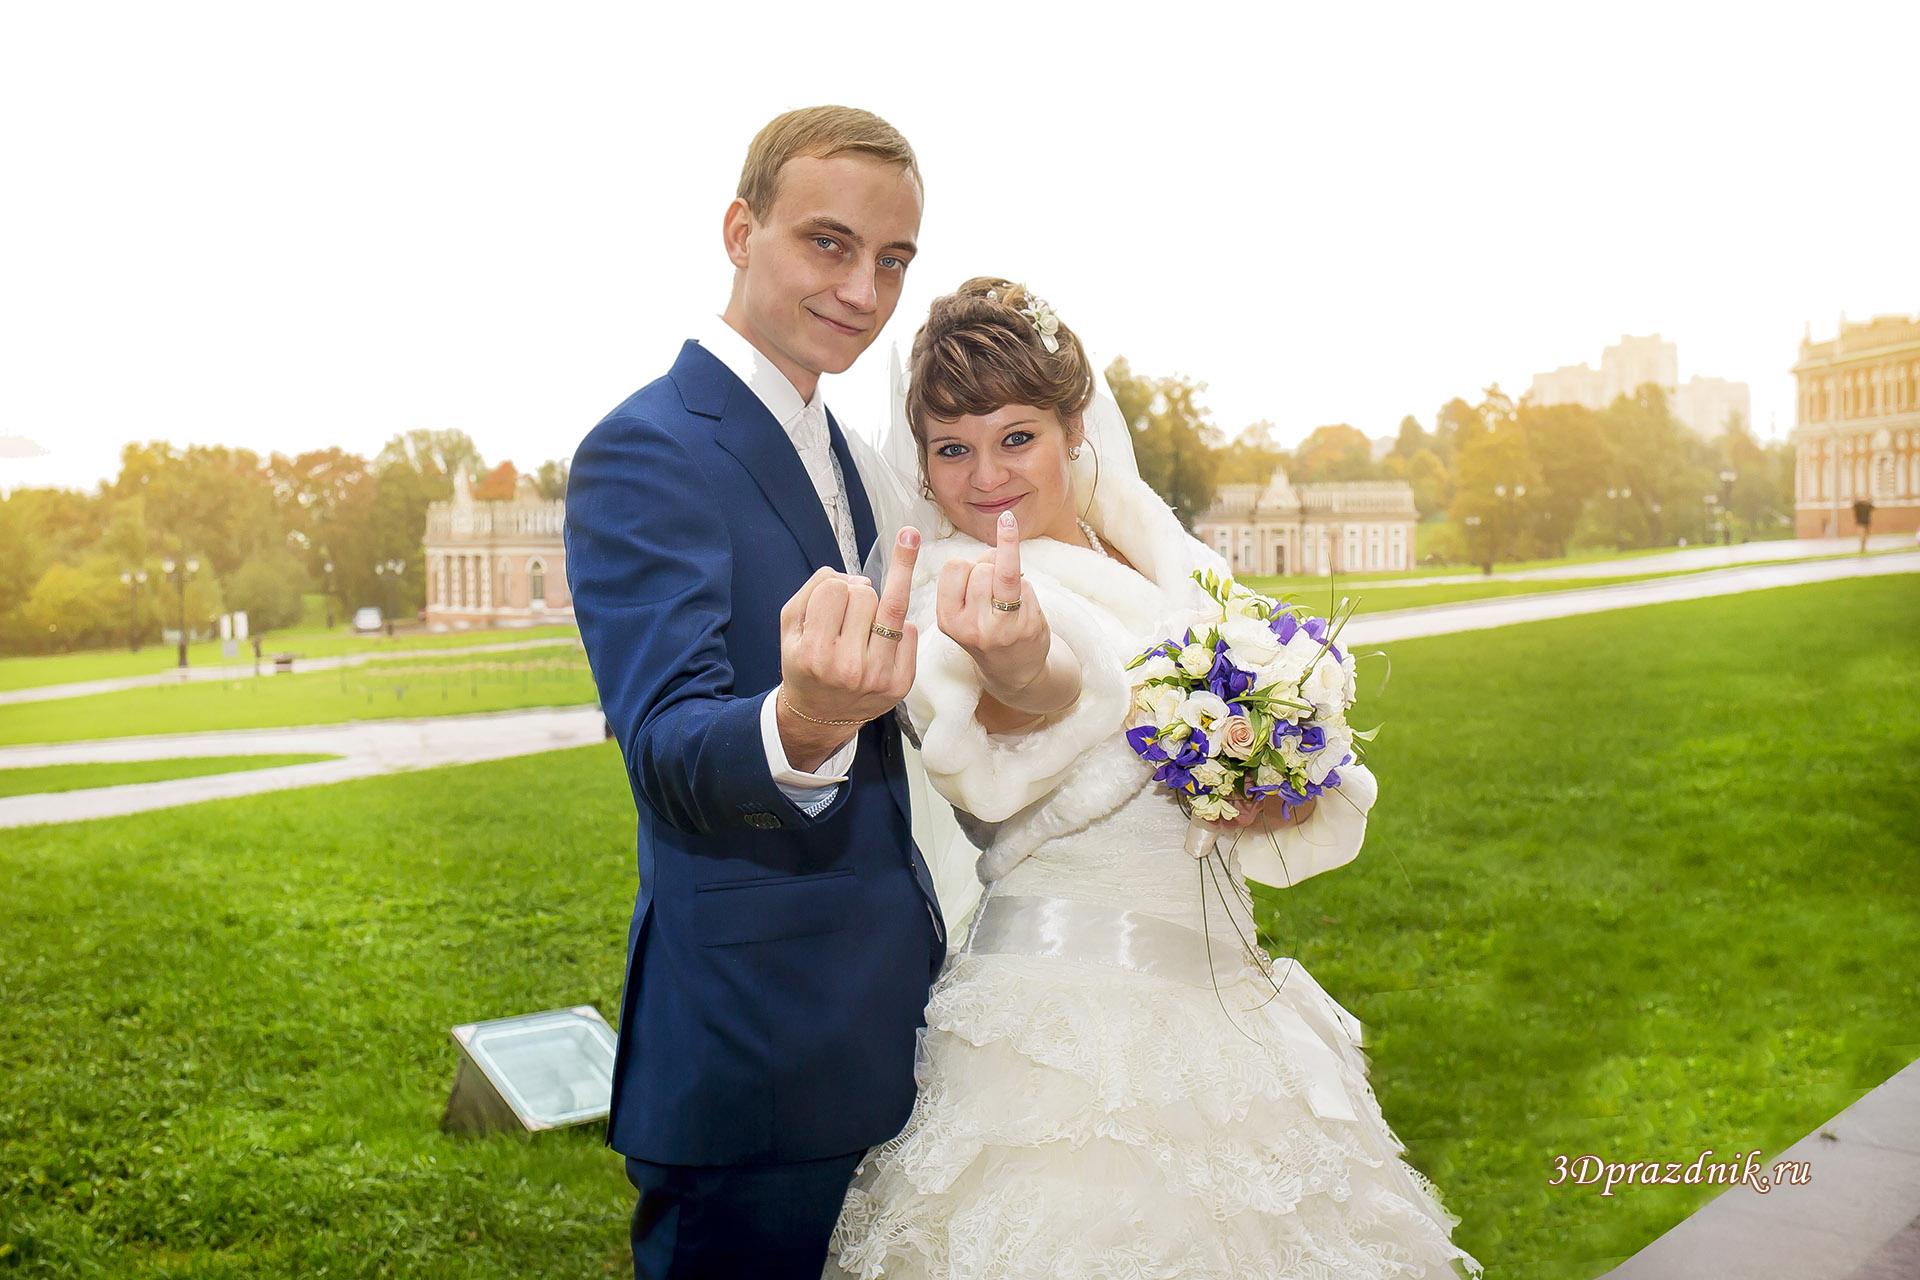 Максим и Светлана обручальные кольца